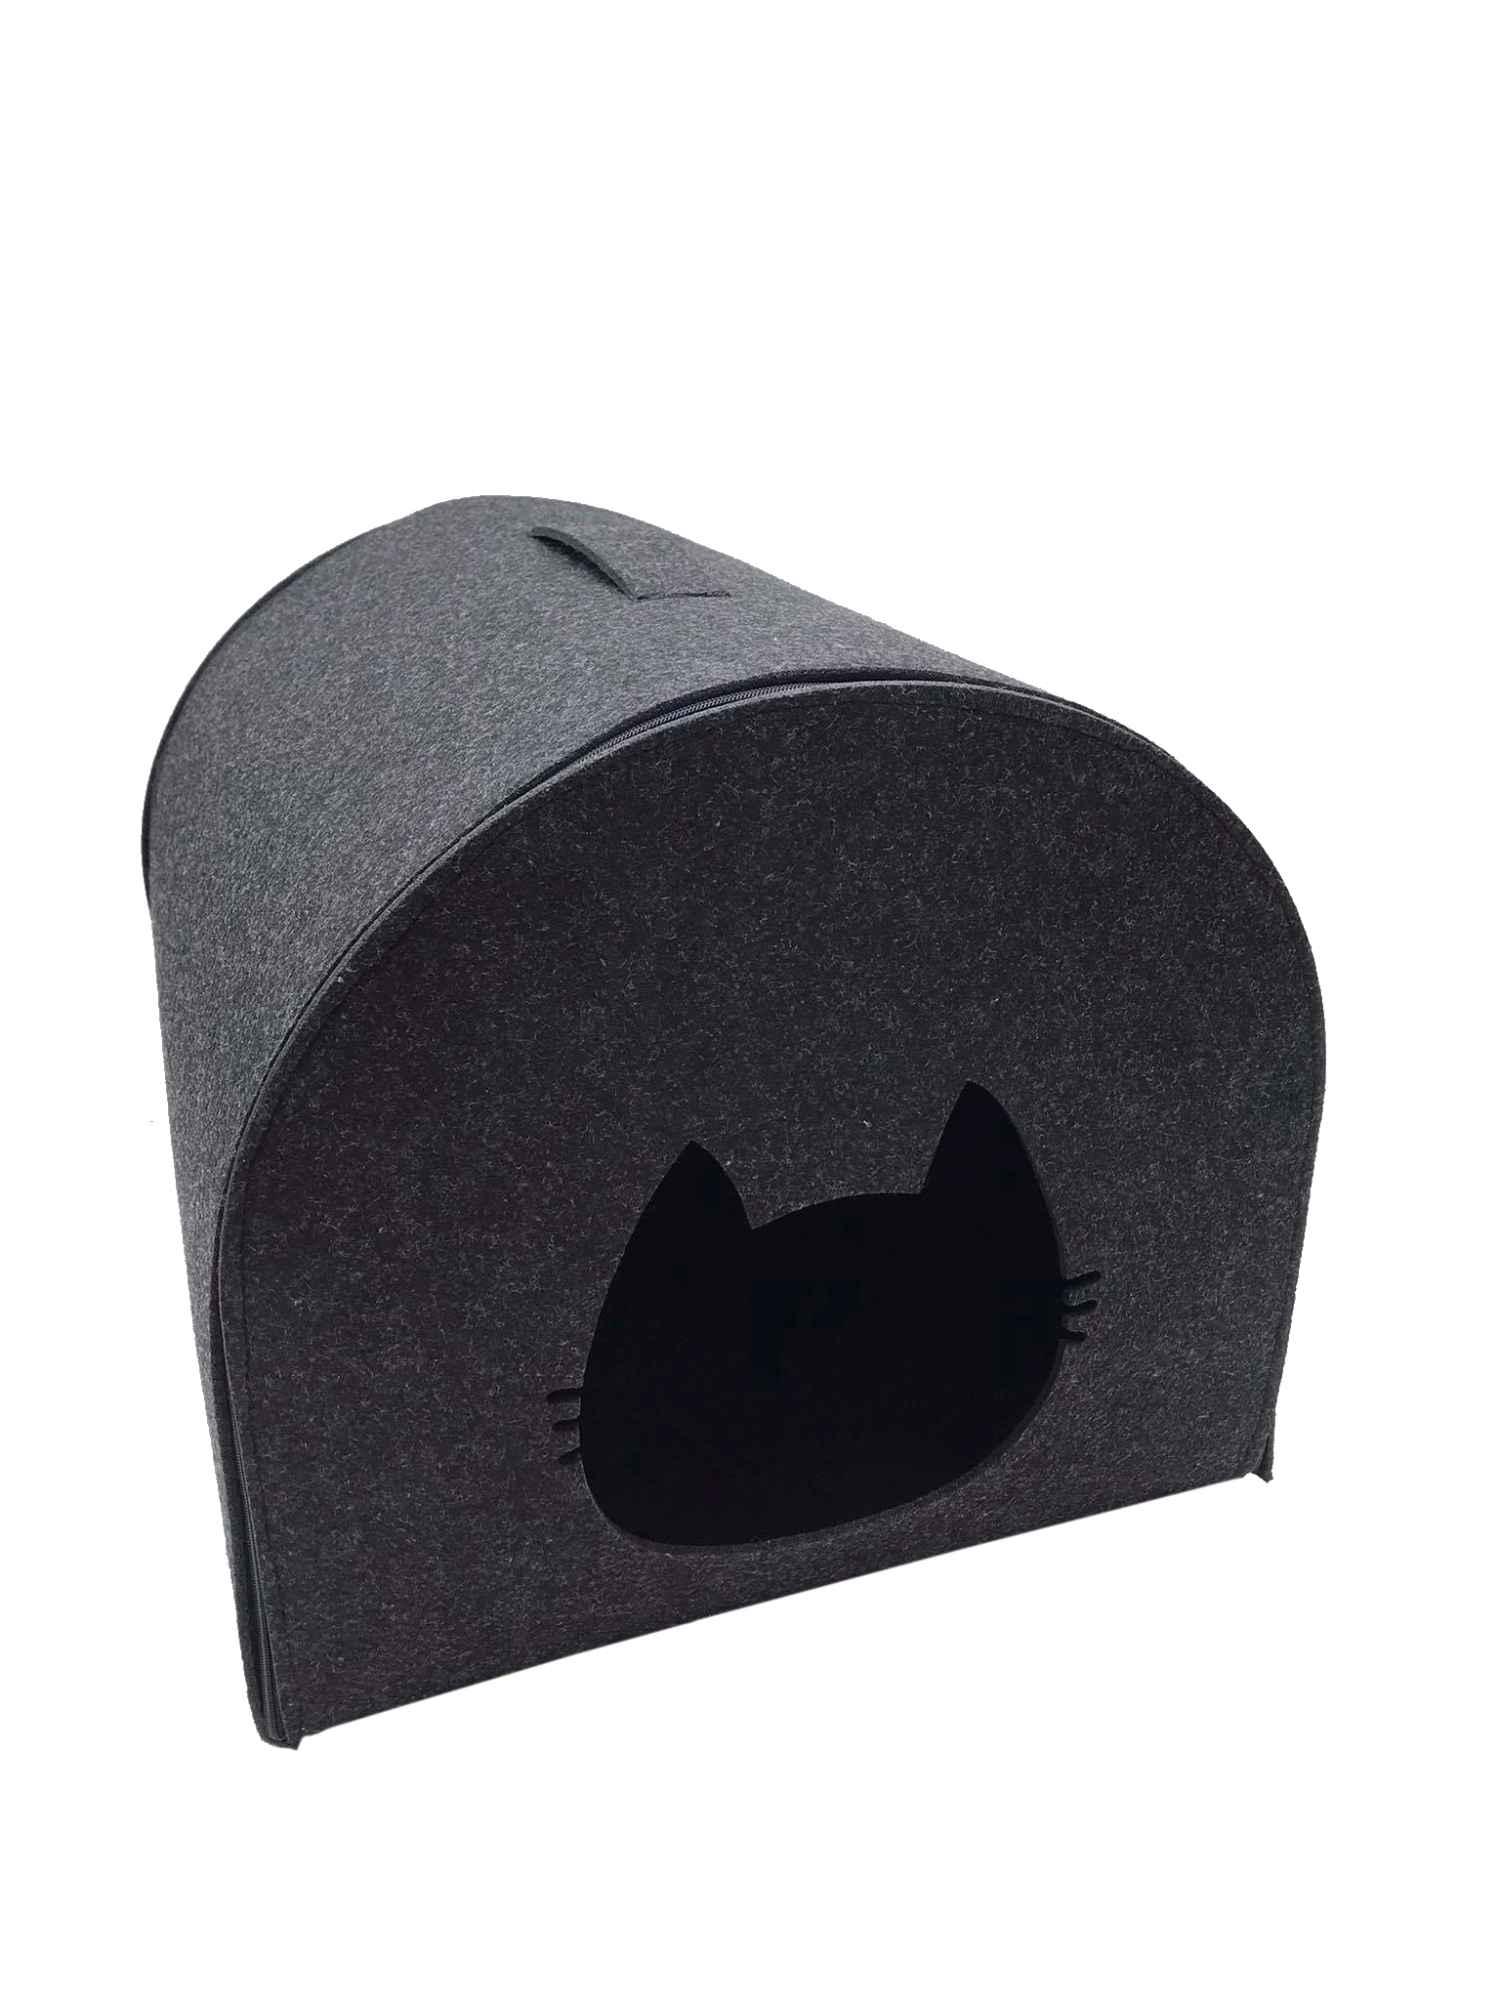 Domek dla kota 38x38x35 Ostrowiec Świętokrzyski - zdjęcie 3